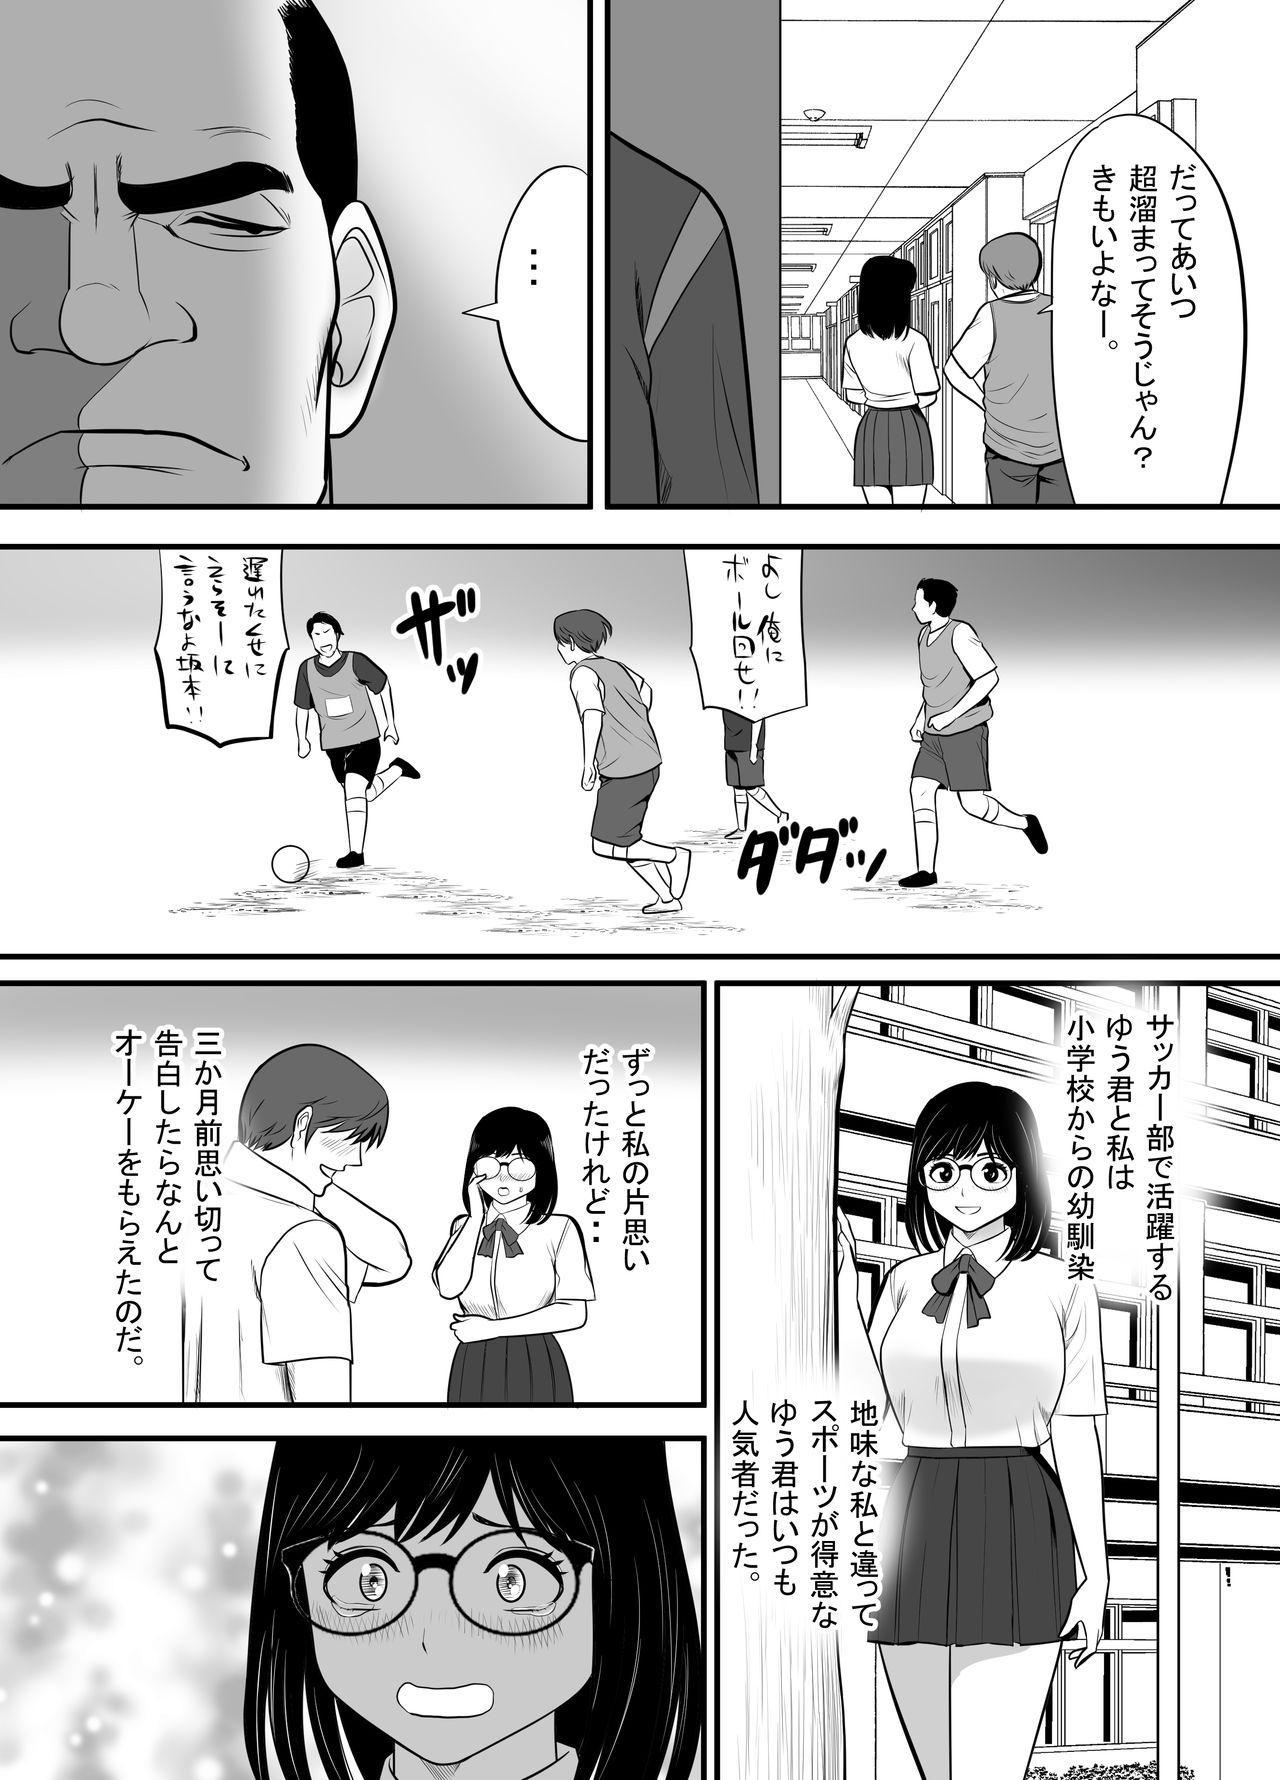 Namaiki na Danshi Seito ga Ita node Juujun na Kanojo o Kawari ni Otoshite yatta 6